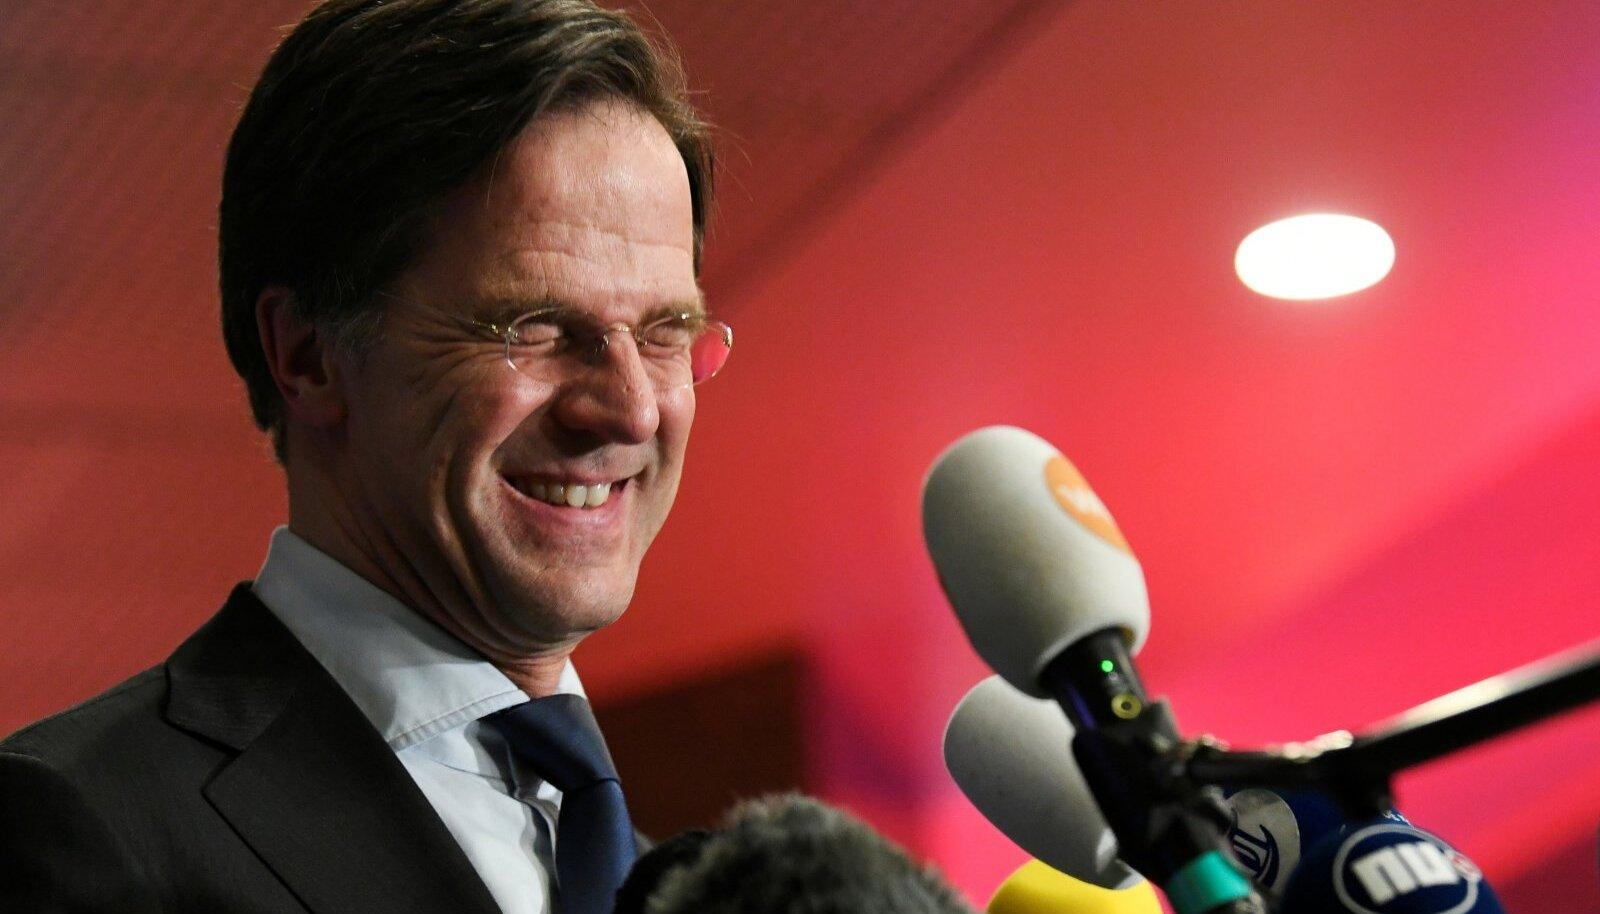 SEENIORIDE KLUBIS: Pärast Angela Merkeli erruminekut tõuseb Mark Rutte teiseks kõige kauem võimul olnud Euroopa Liidu valitsusjuhiks. Esikoht on ungarlasel Viktor Orbánil.